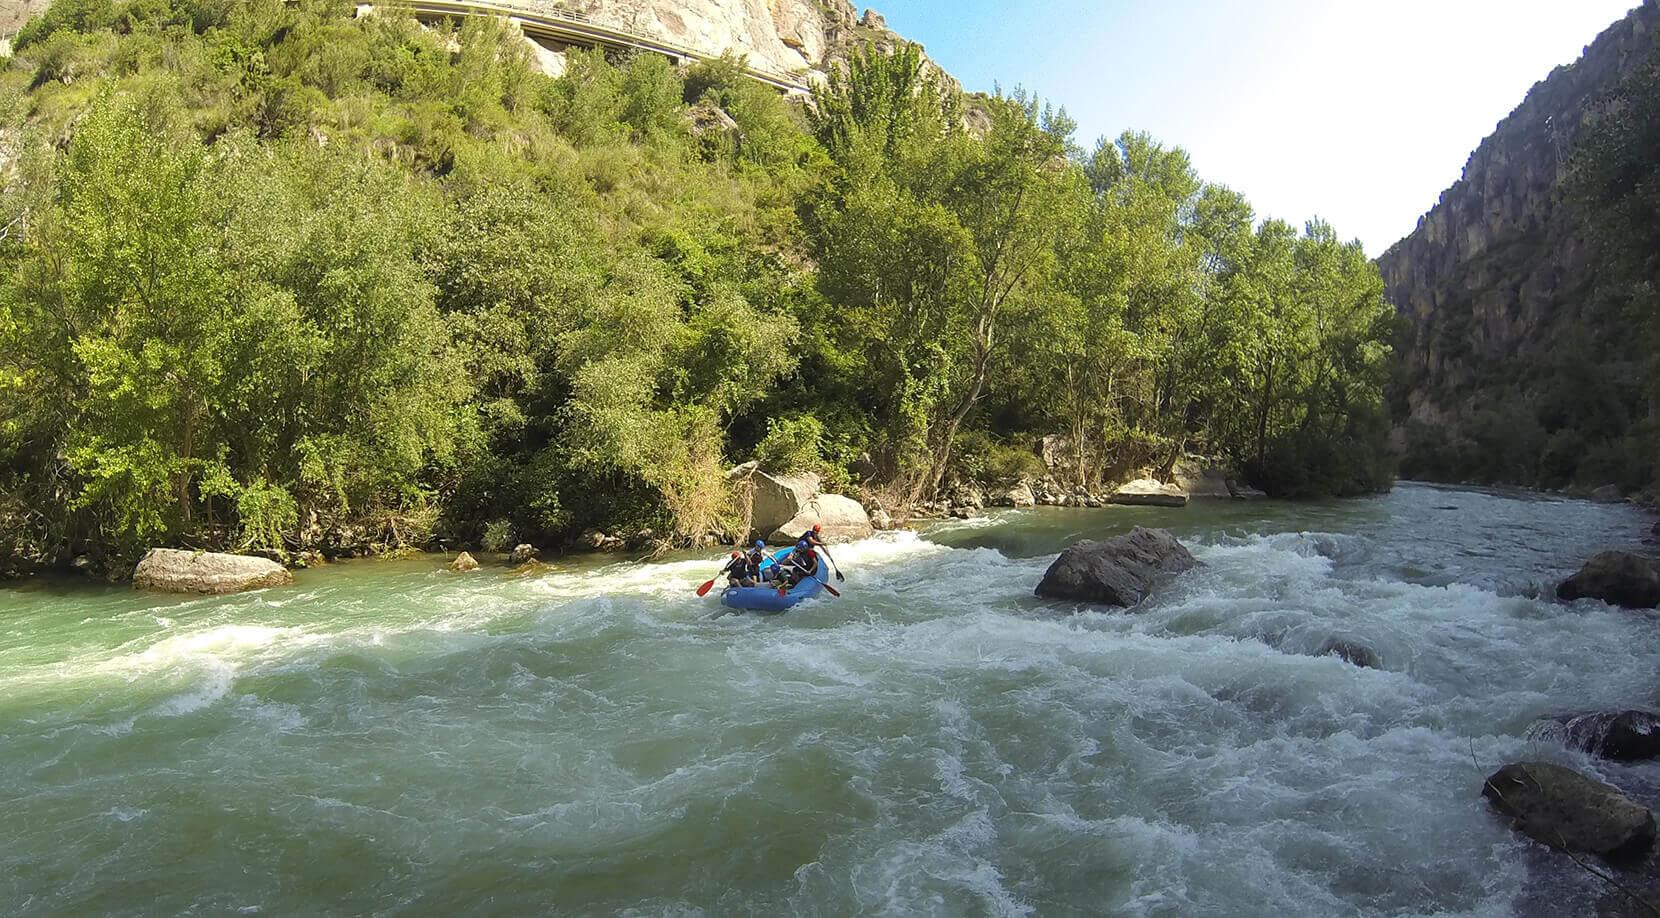 Rafting in Segre riber.